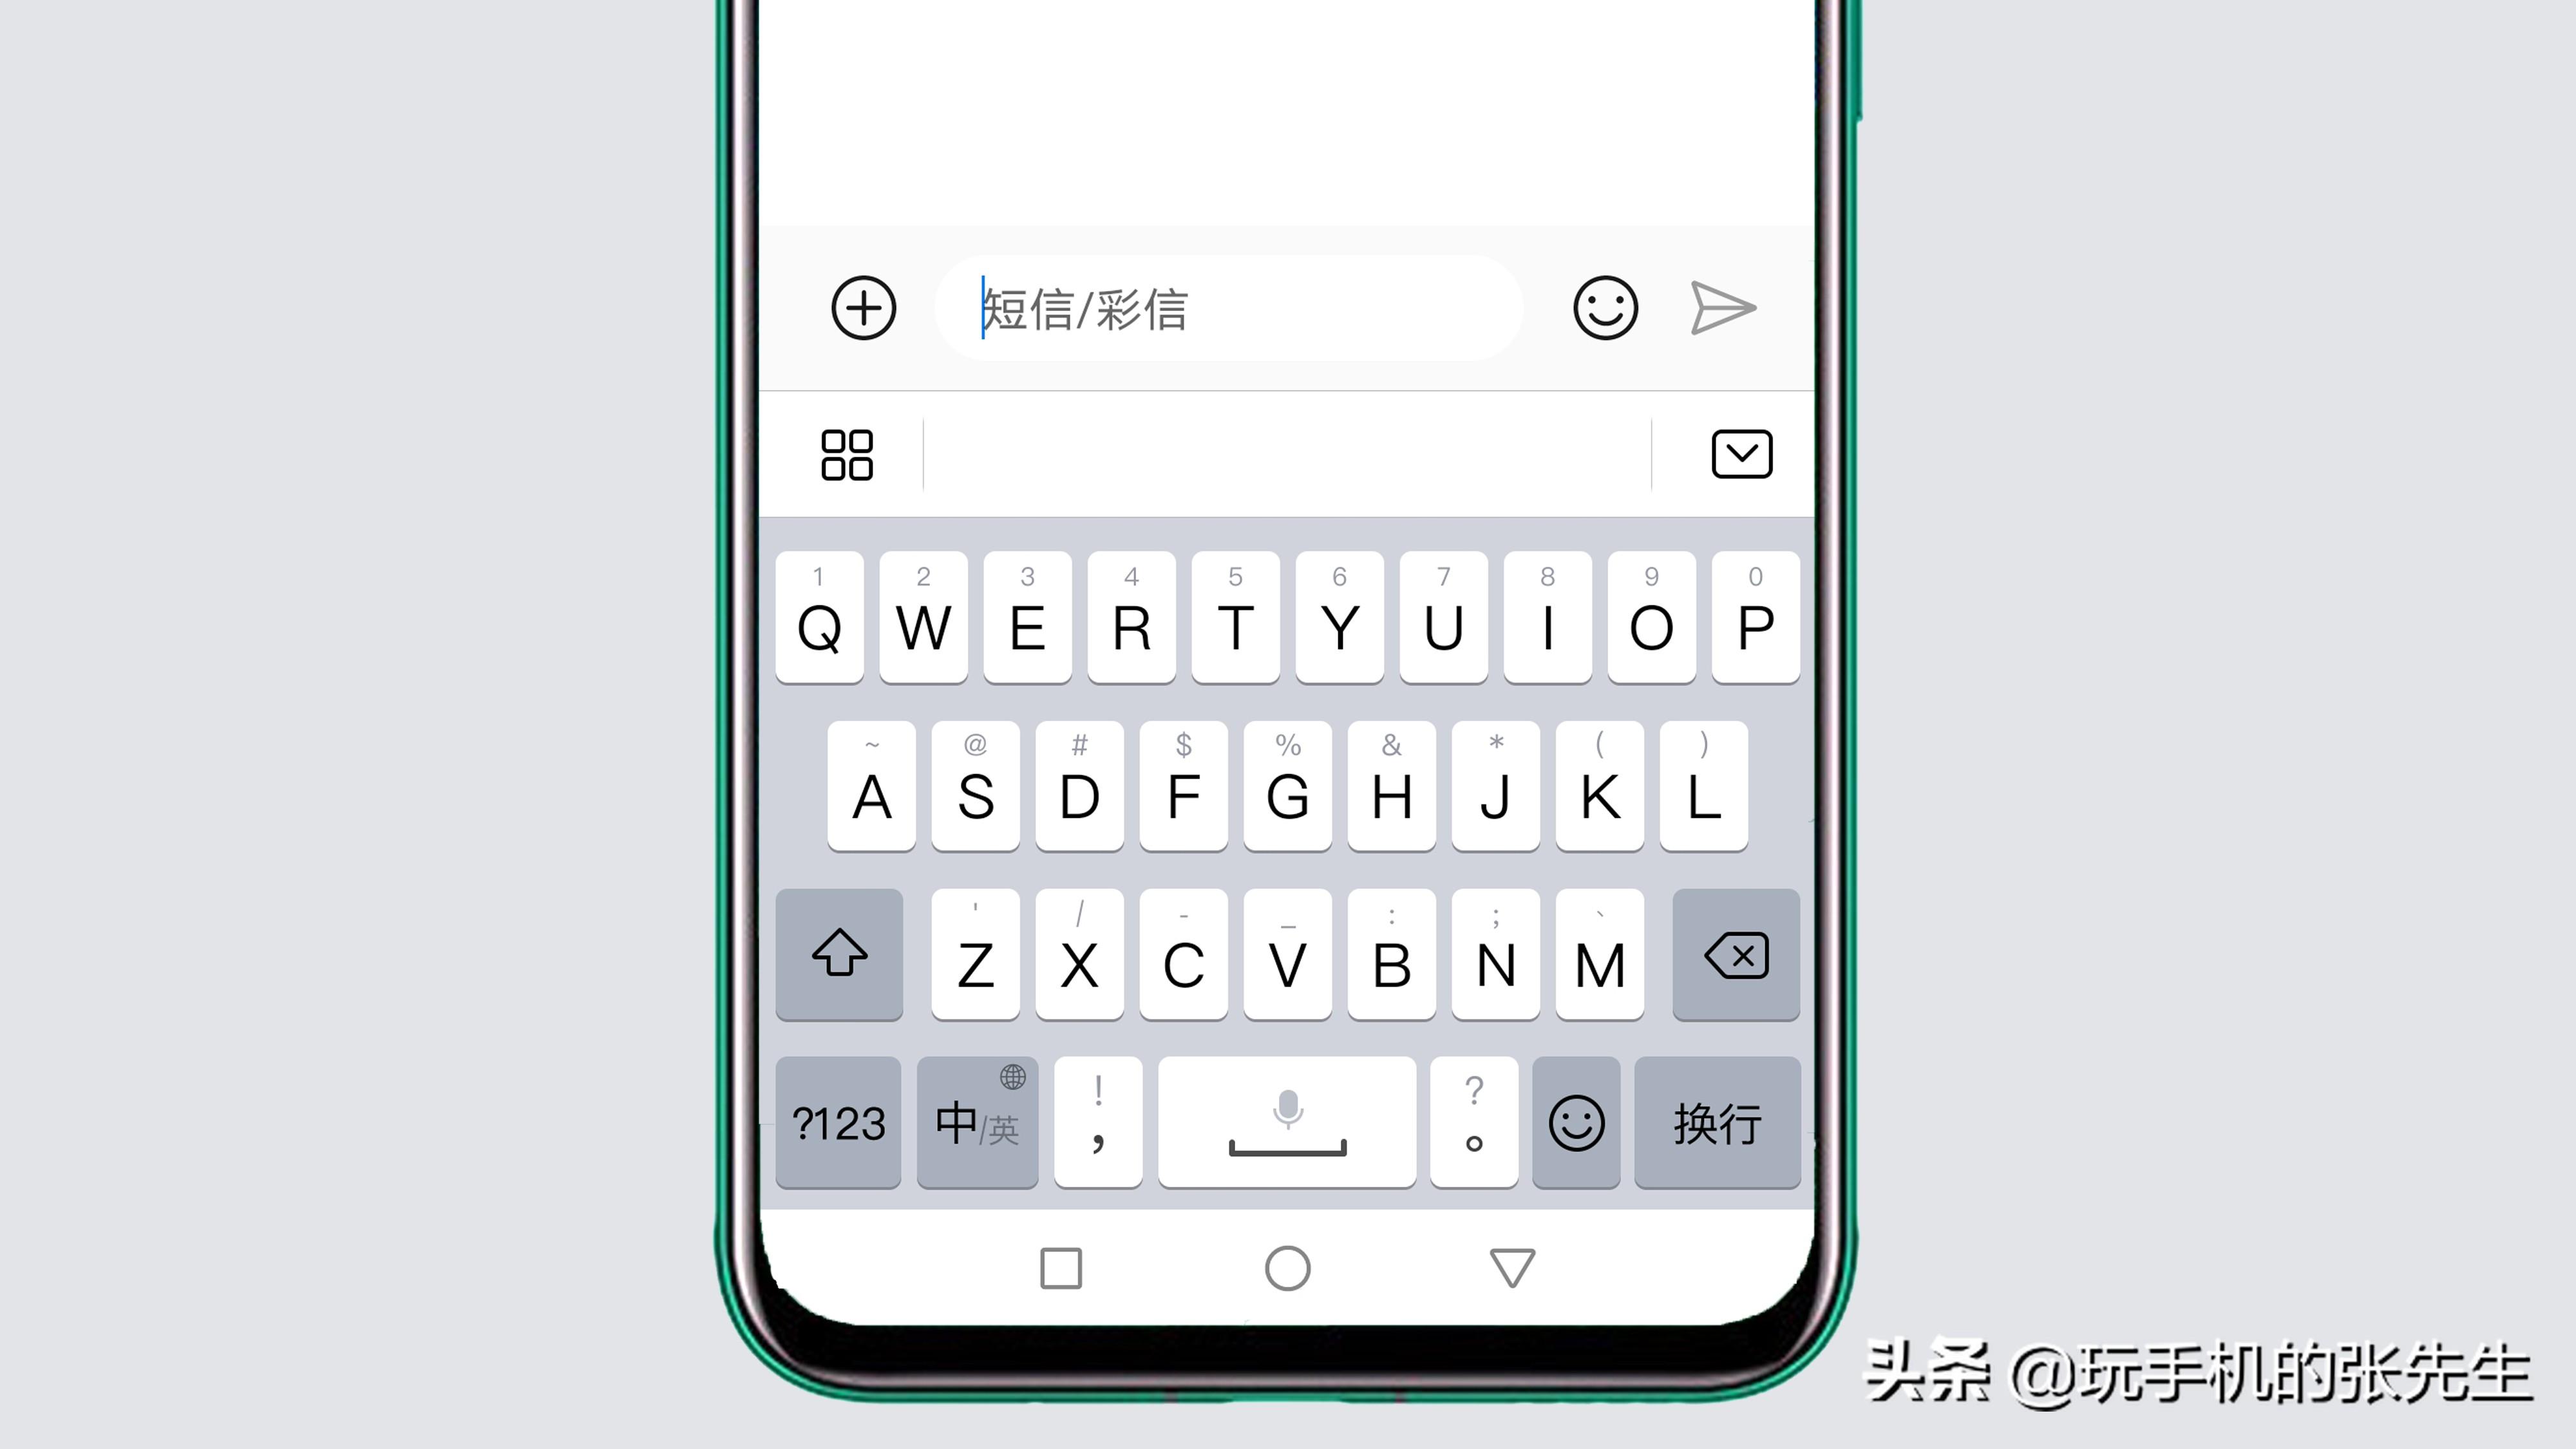 手机键盘声音设置方法,详细步骤,简单易懂